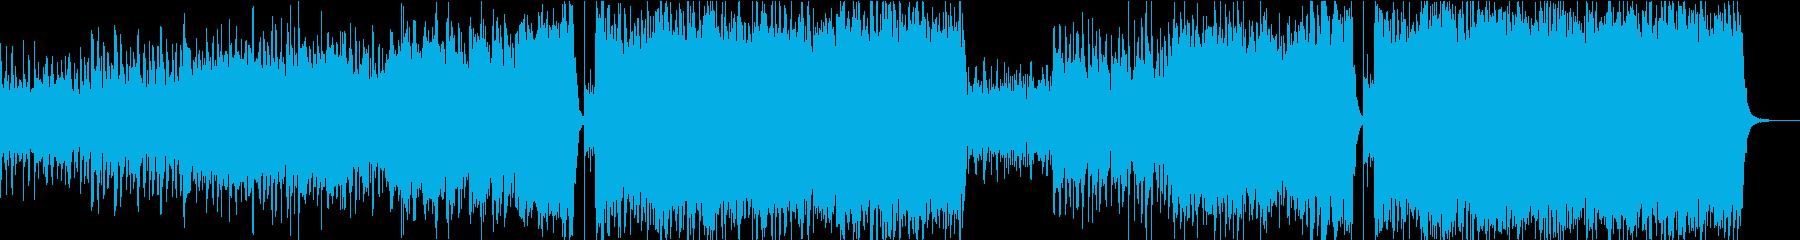 熱情的なCM・VPに適したオーケストラの再生済みの波形